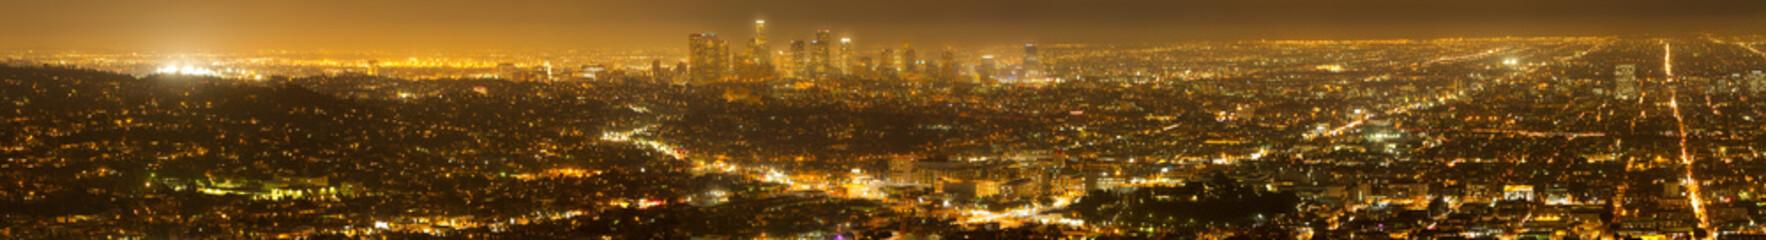 Panorama of Los Angeles Skyline